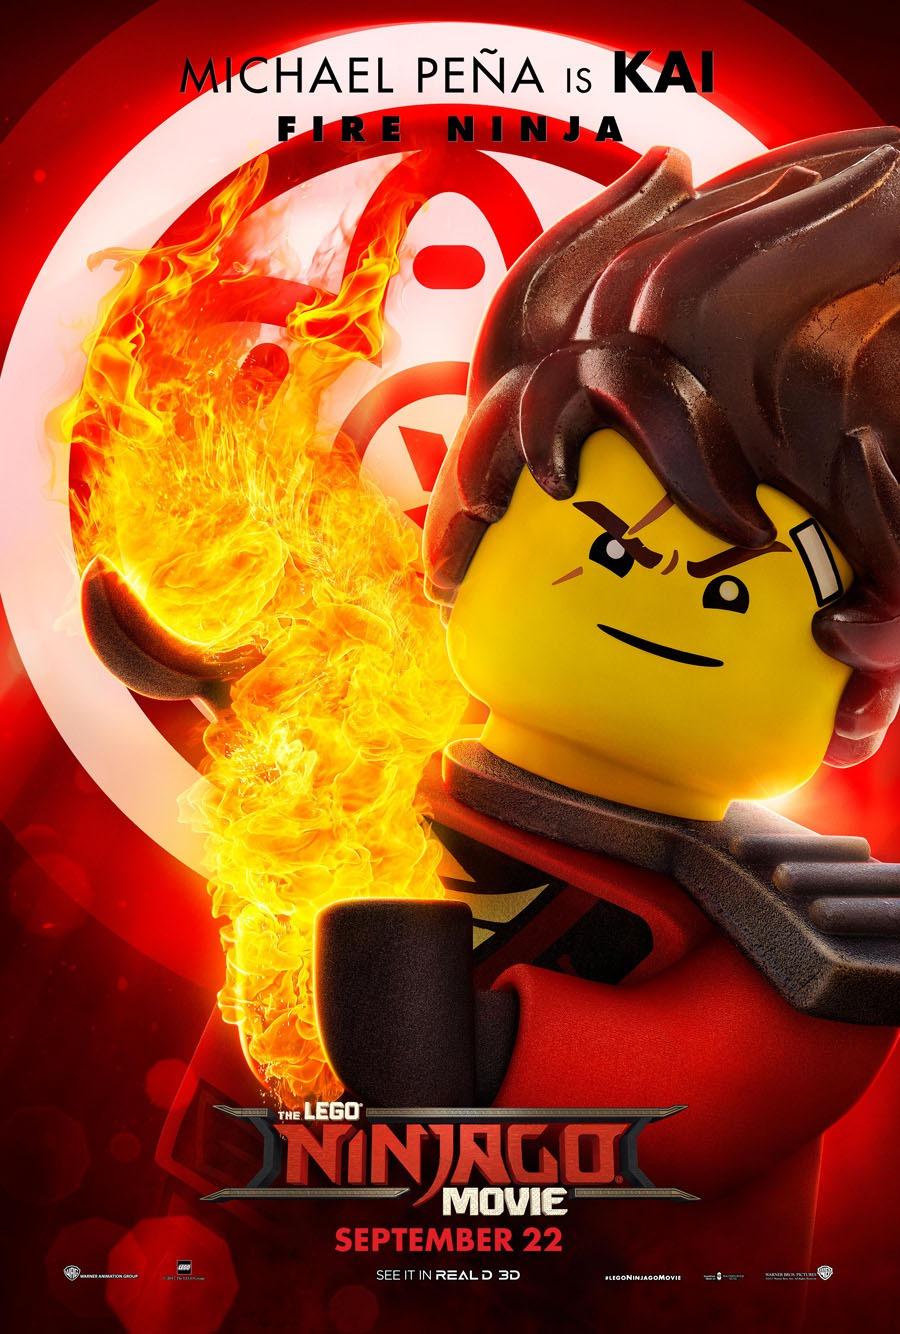 The lego ninjago movie poster